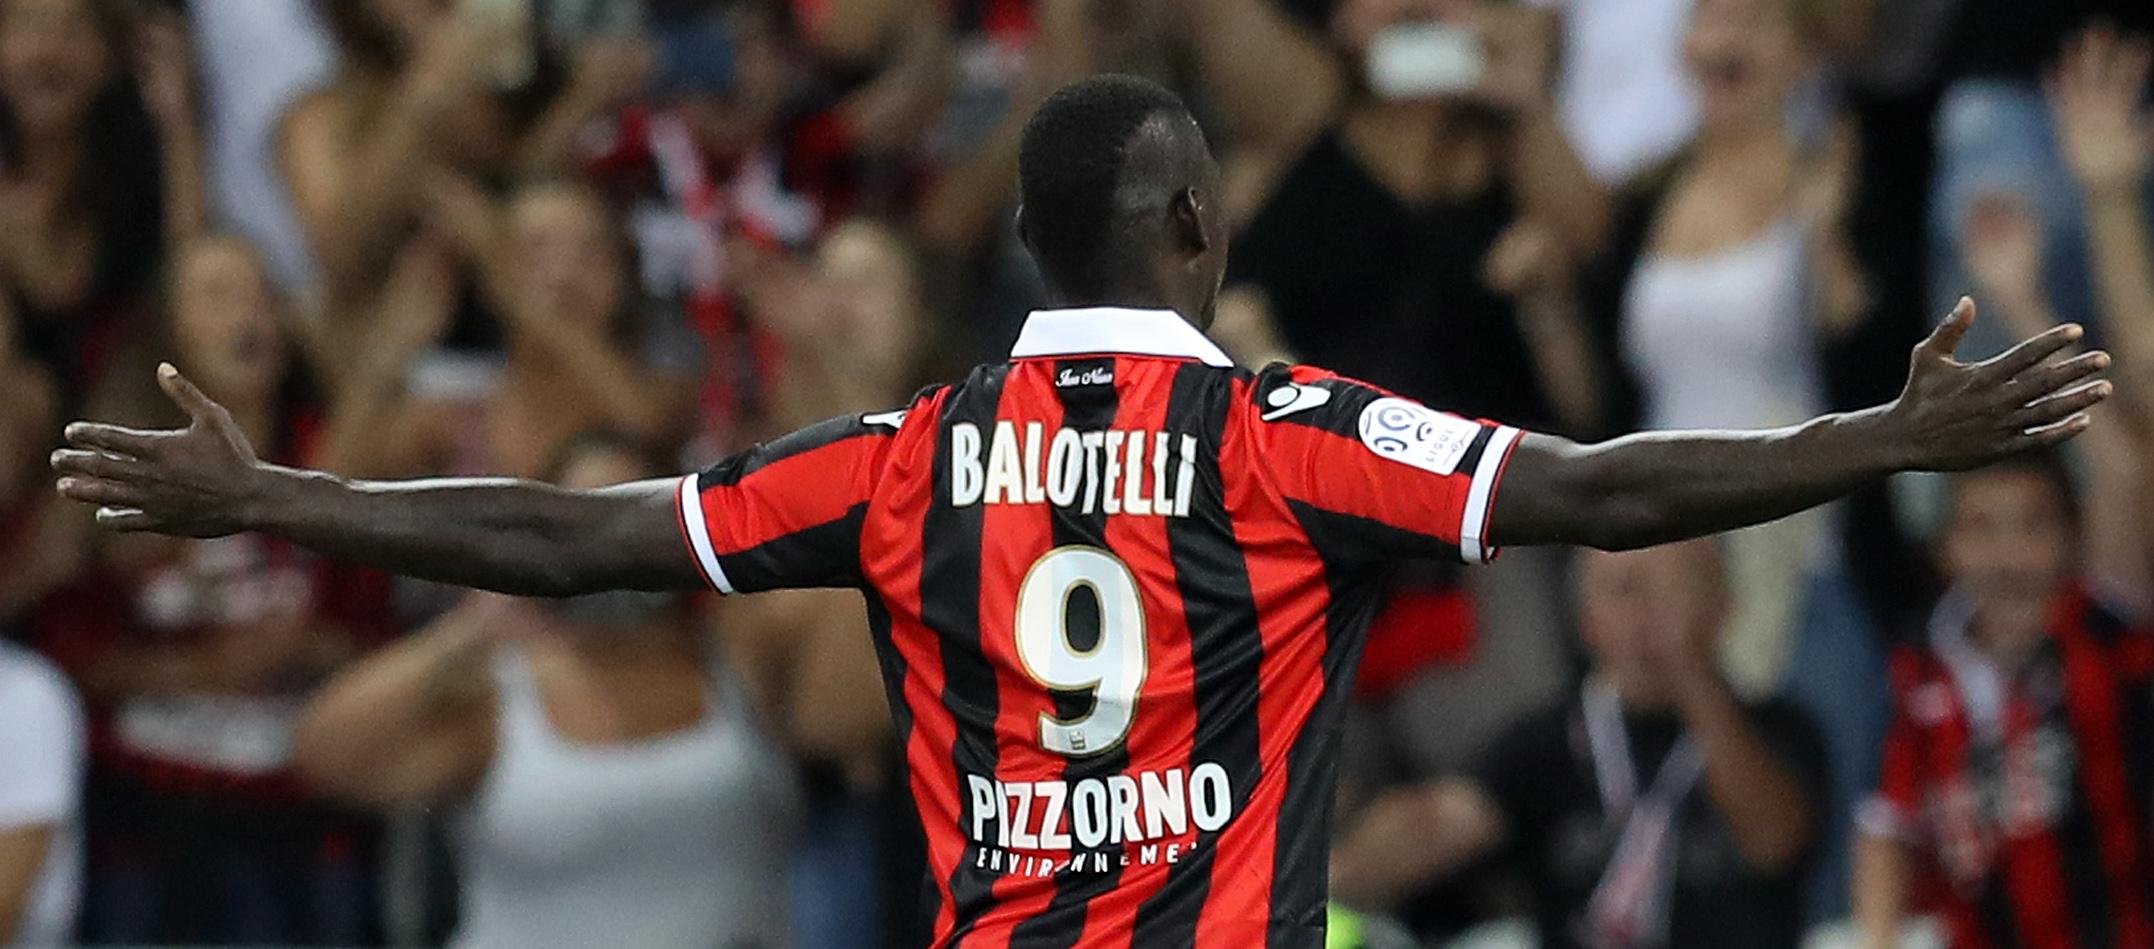 Hyper Mario Balotelli 2.0, ou la régalade au ralenti